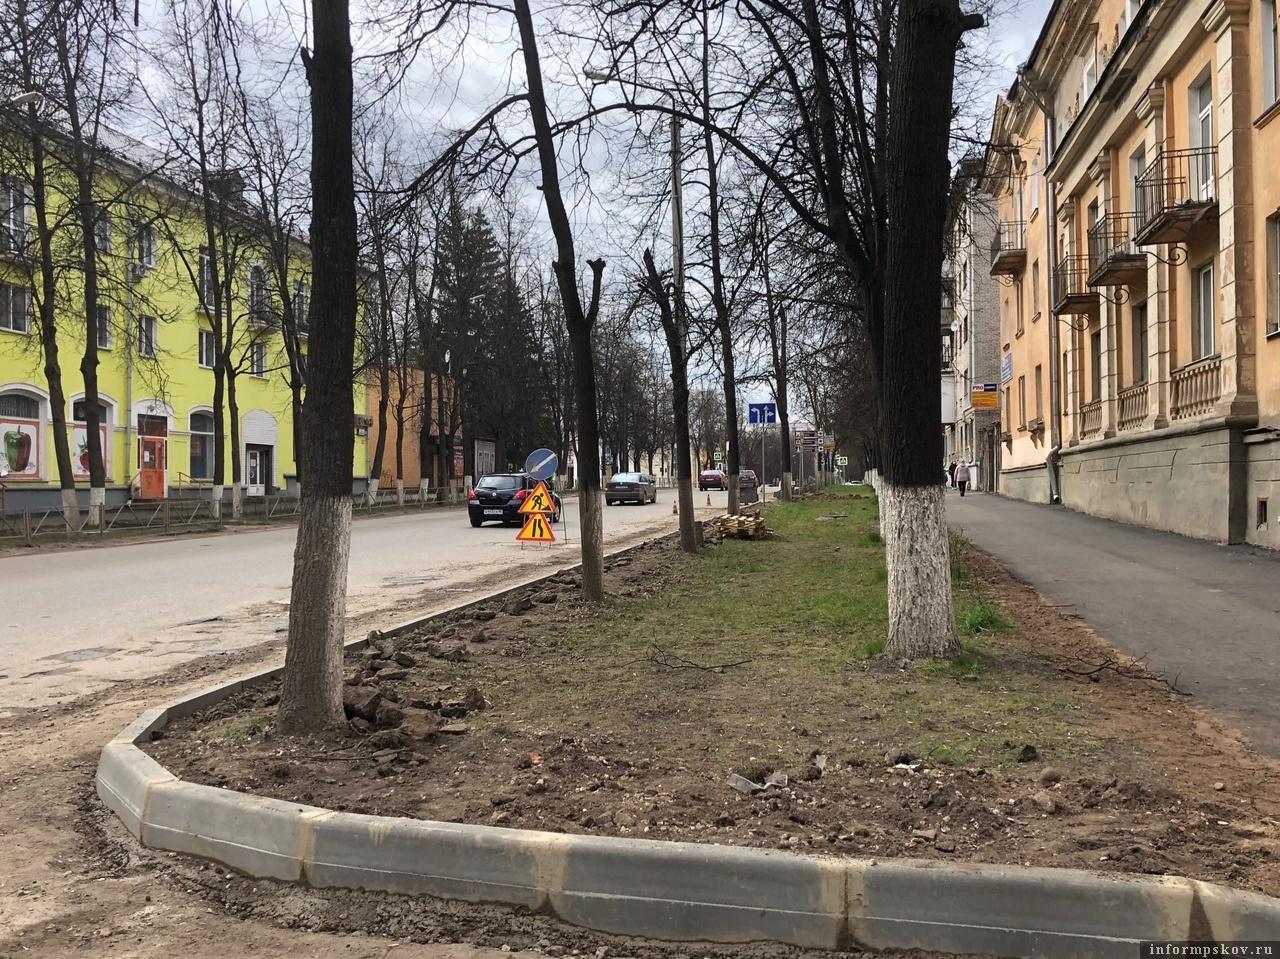 В Великих Луках в этом году отремонтируют большой участок дороги на  проспекте Ленина. Фото: газета «Великолукская правда. Новости».